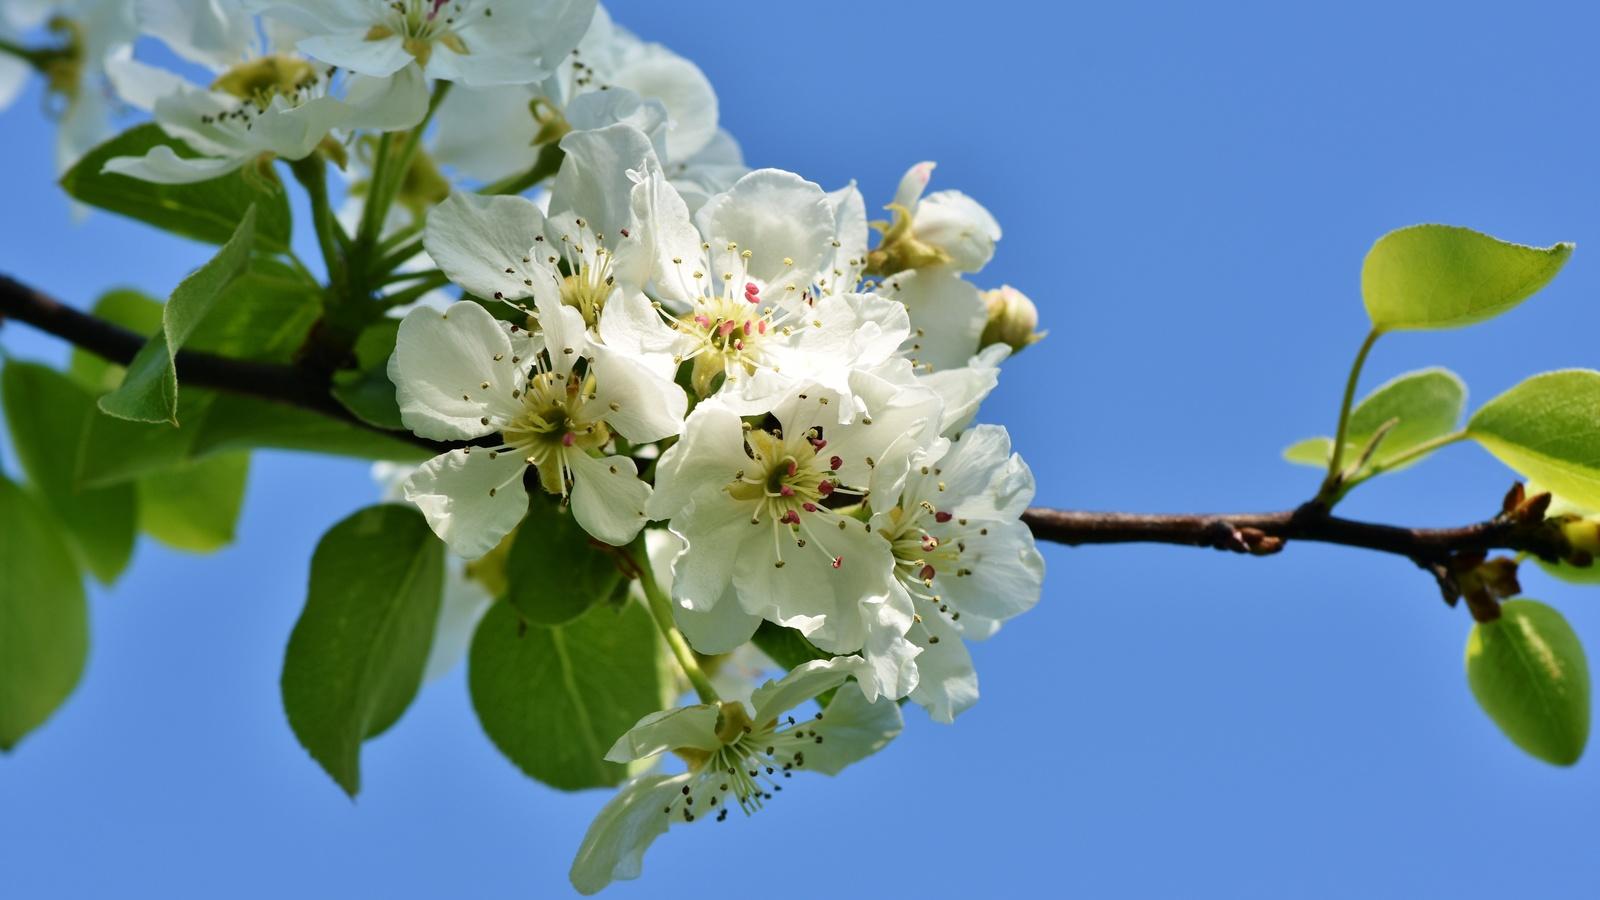 природа, весна, ветка, яблоня, цветы, листья, цветение, небо